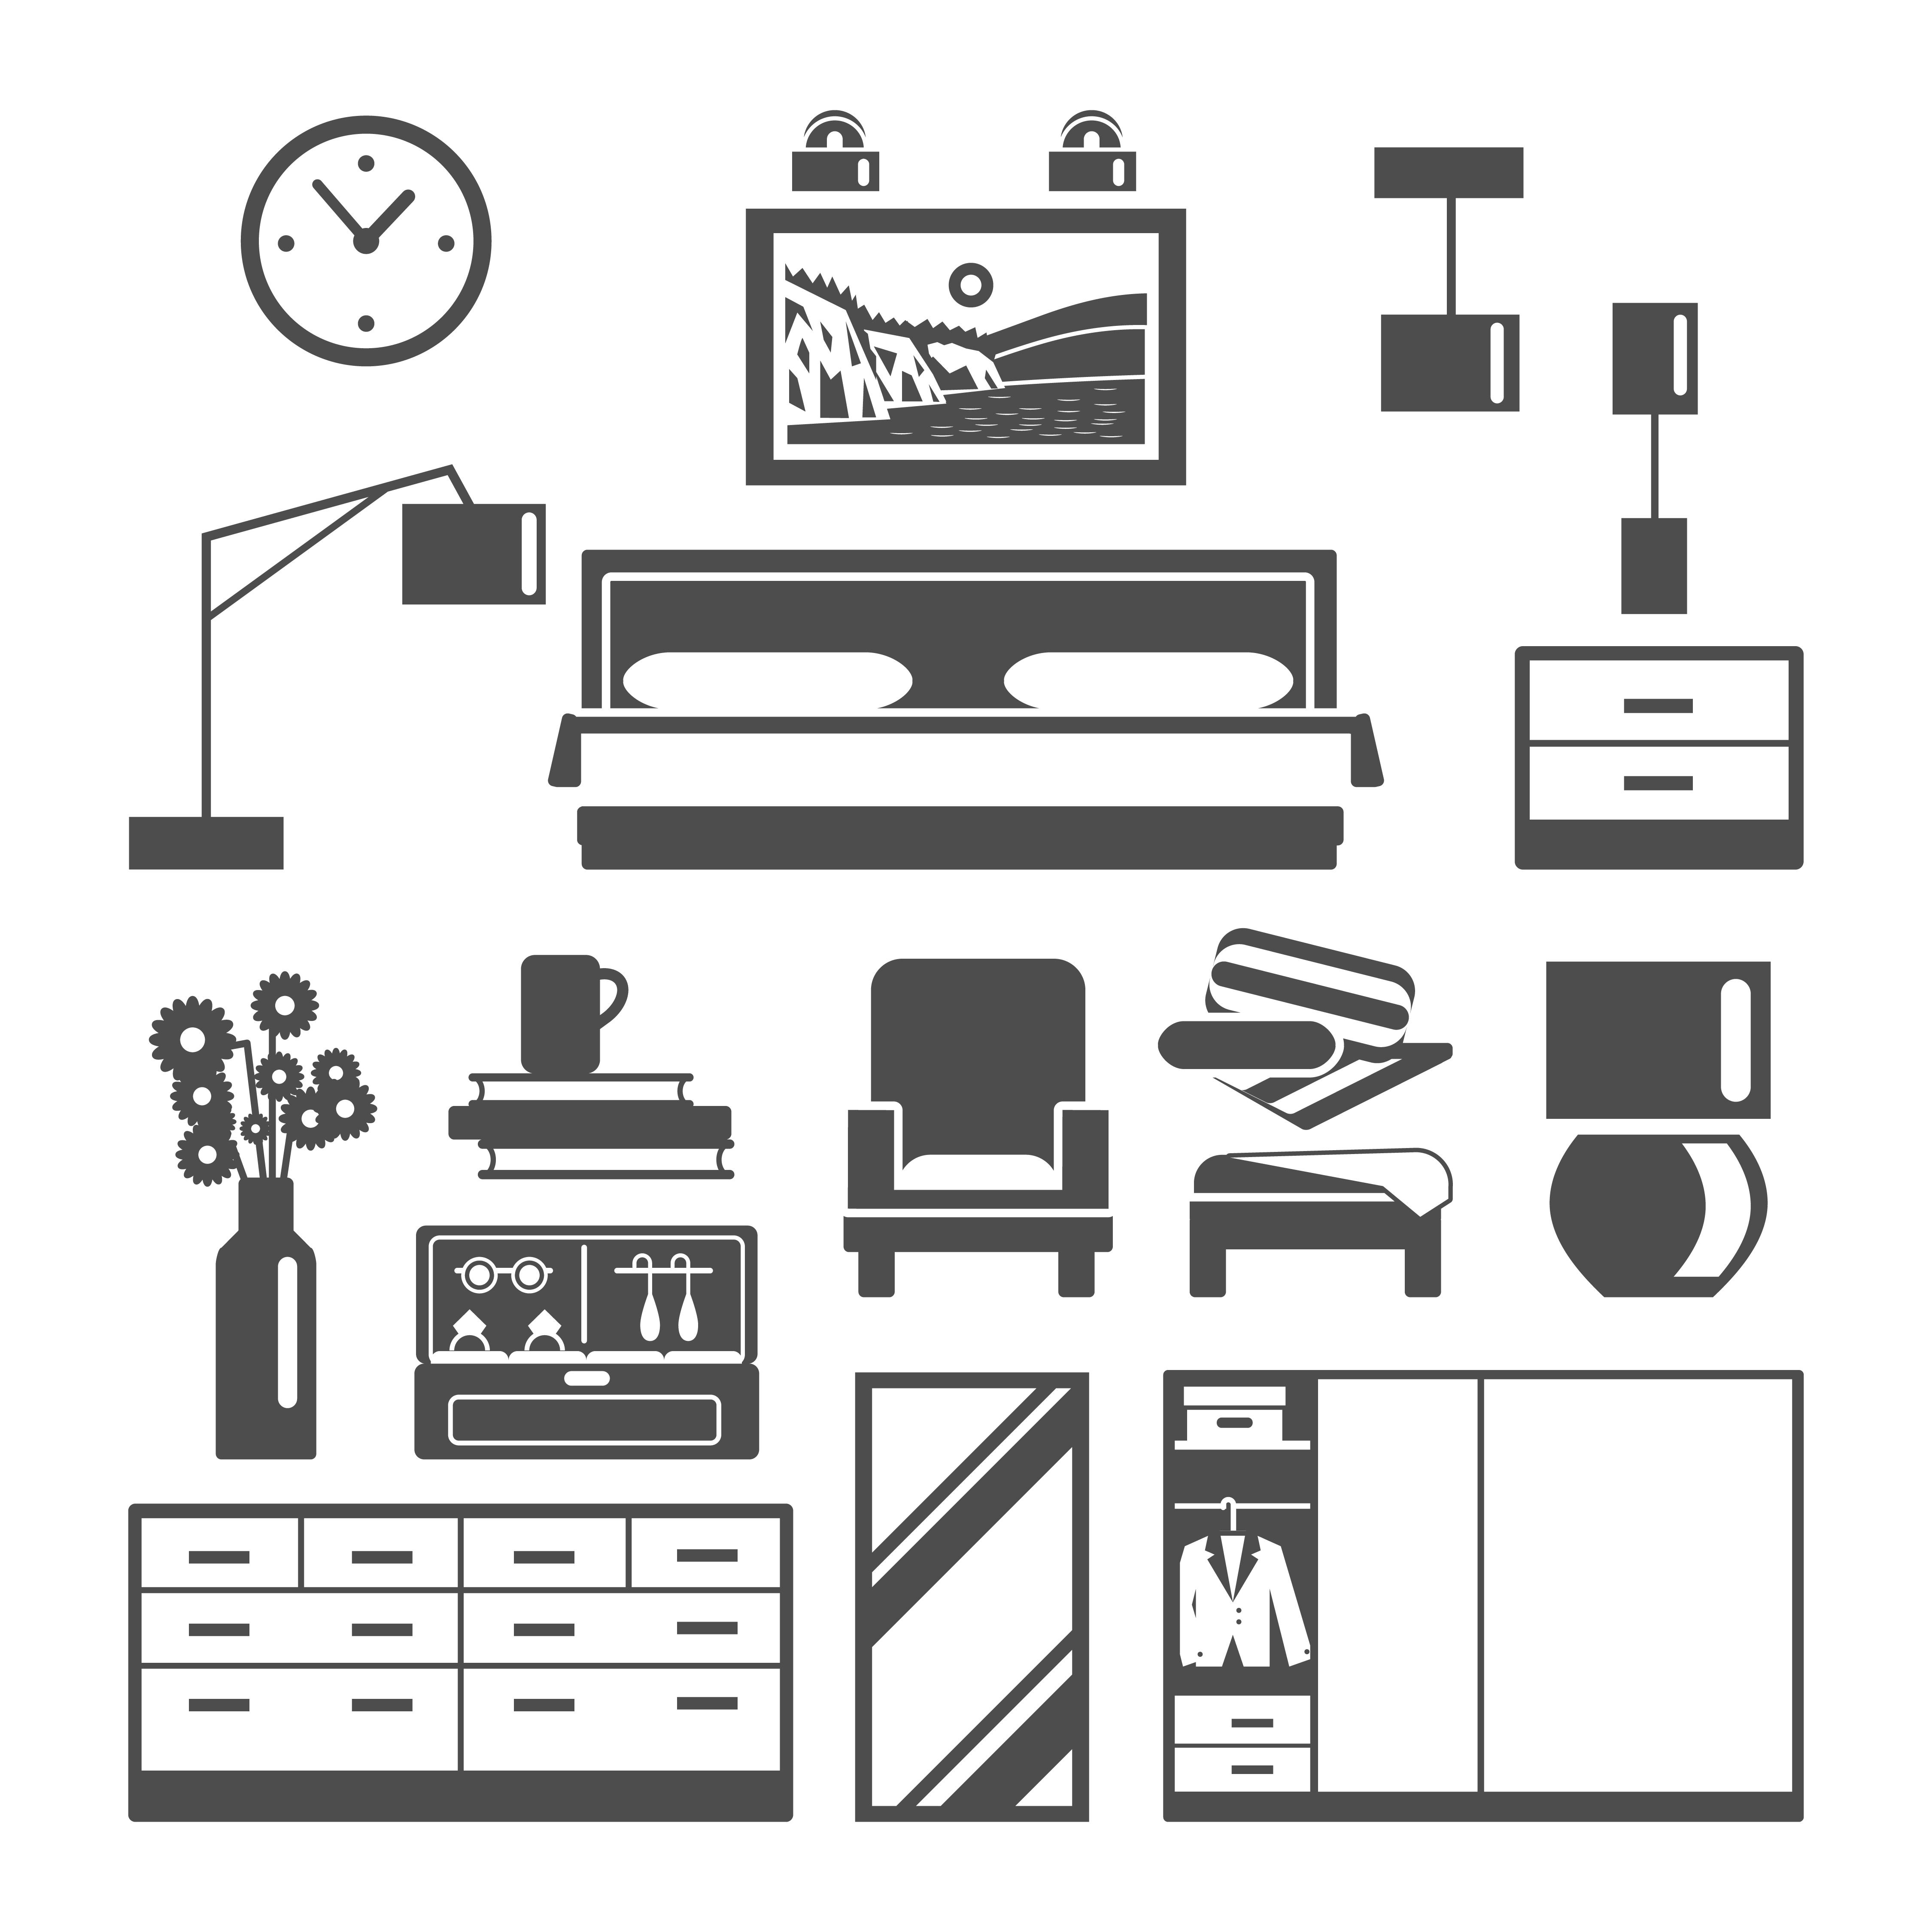 Bedroom Furniture Icons Set Download Free Vectors Clipart Graphics Vector Art